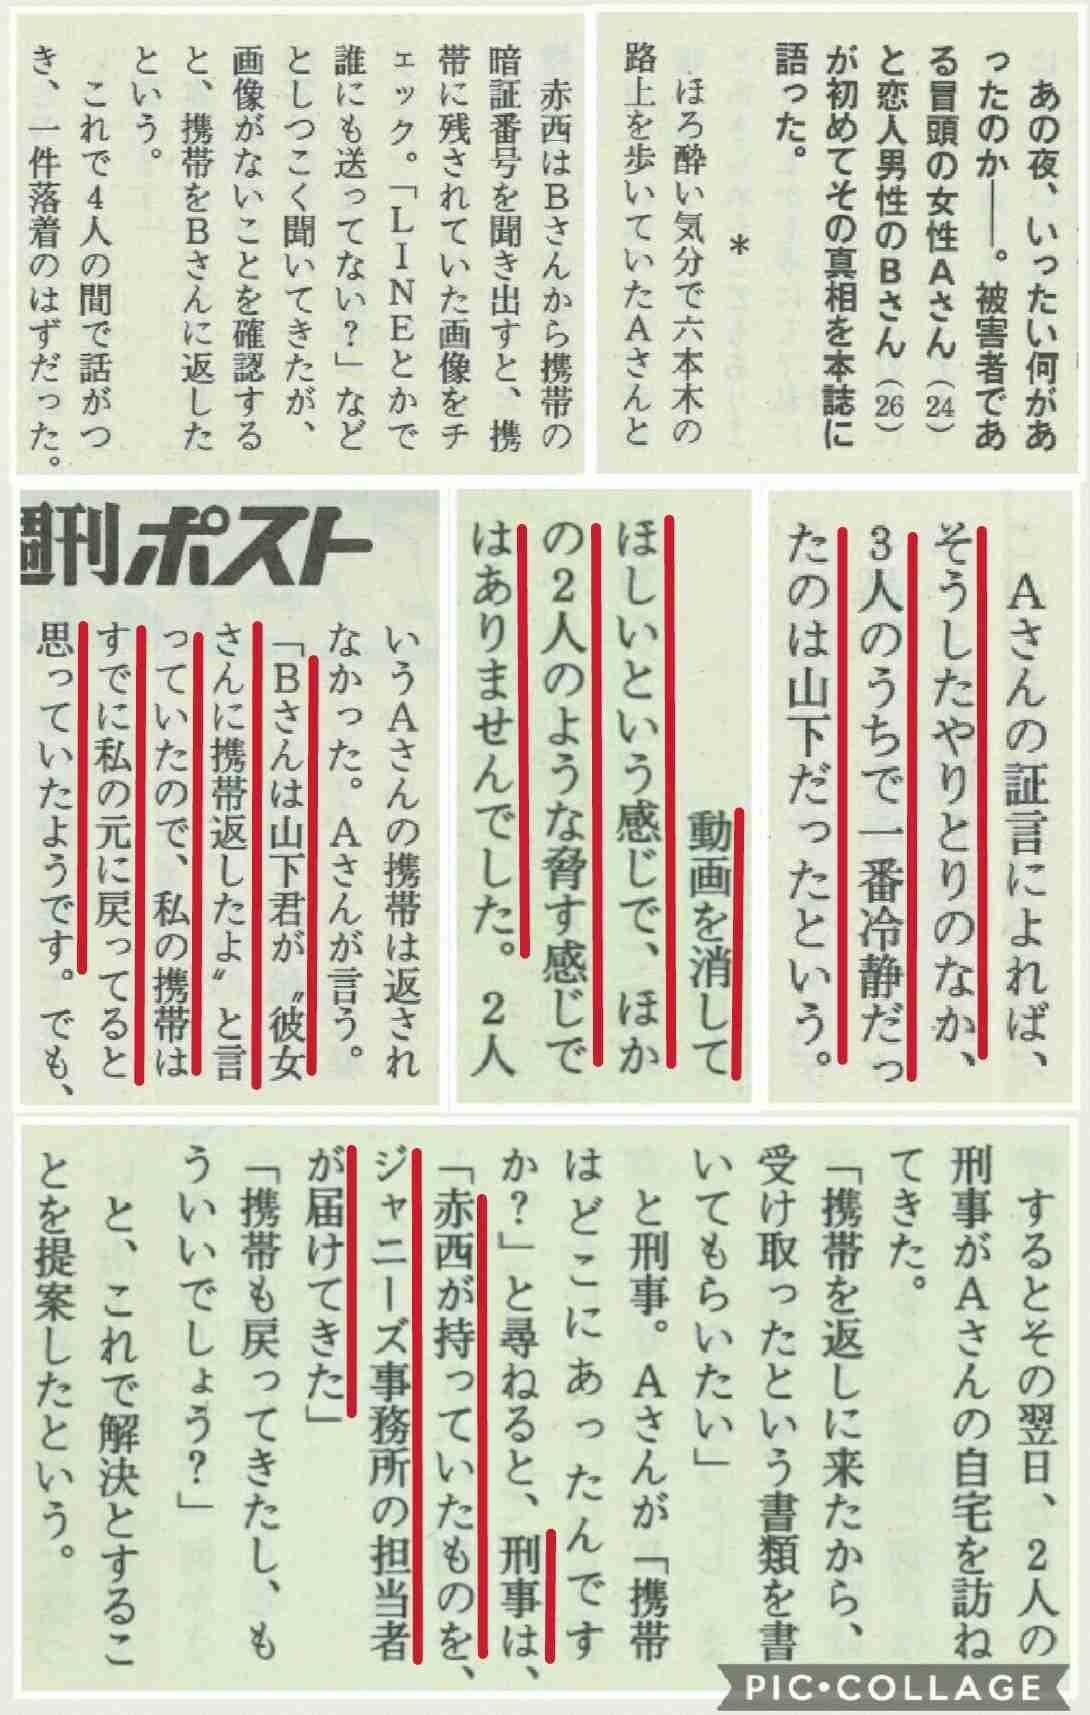 【音楽】山下智久、新垣結衣ら「コード・ブルー」キャストが「FNS うたの夏まつり」に出演 他に、NEWS、浜崎あゆみ、Hey! Say! JUMP、嵐 ->画像>84枚